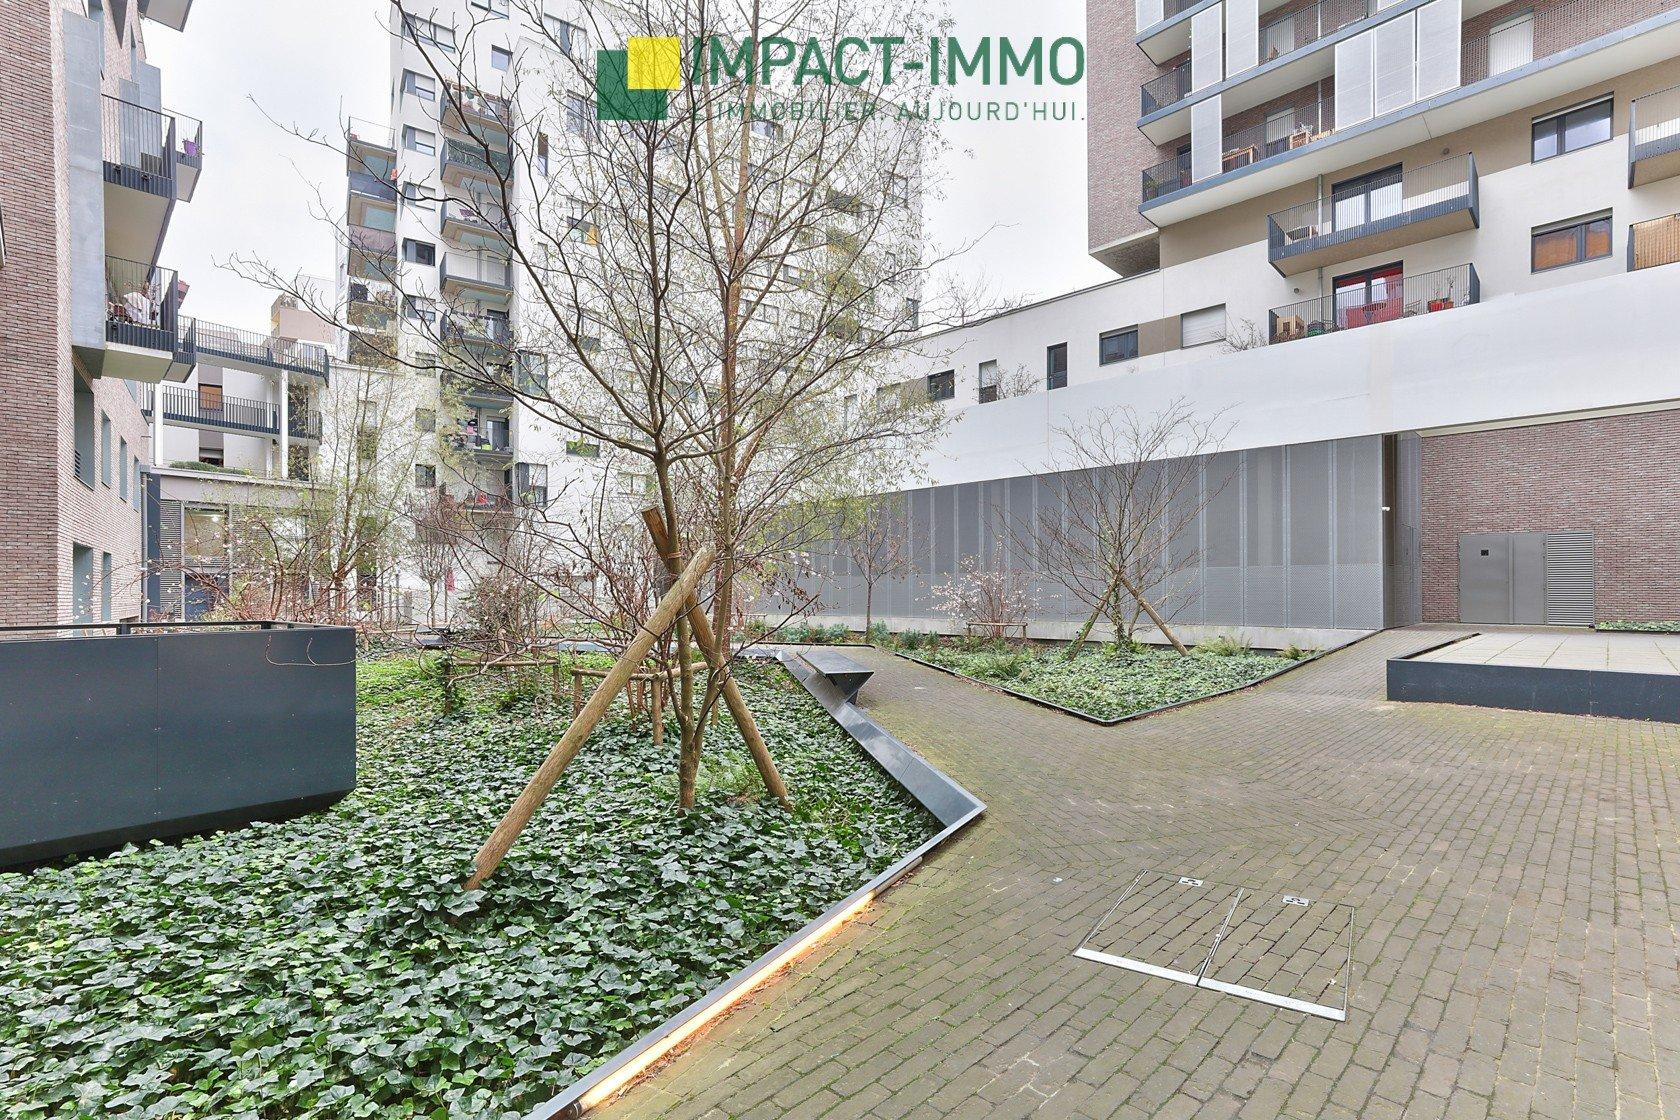 3 pièces - Immeuble 2015 - Balcon